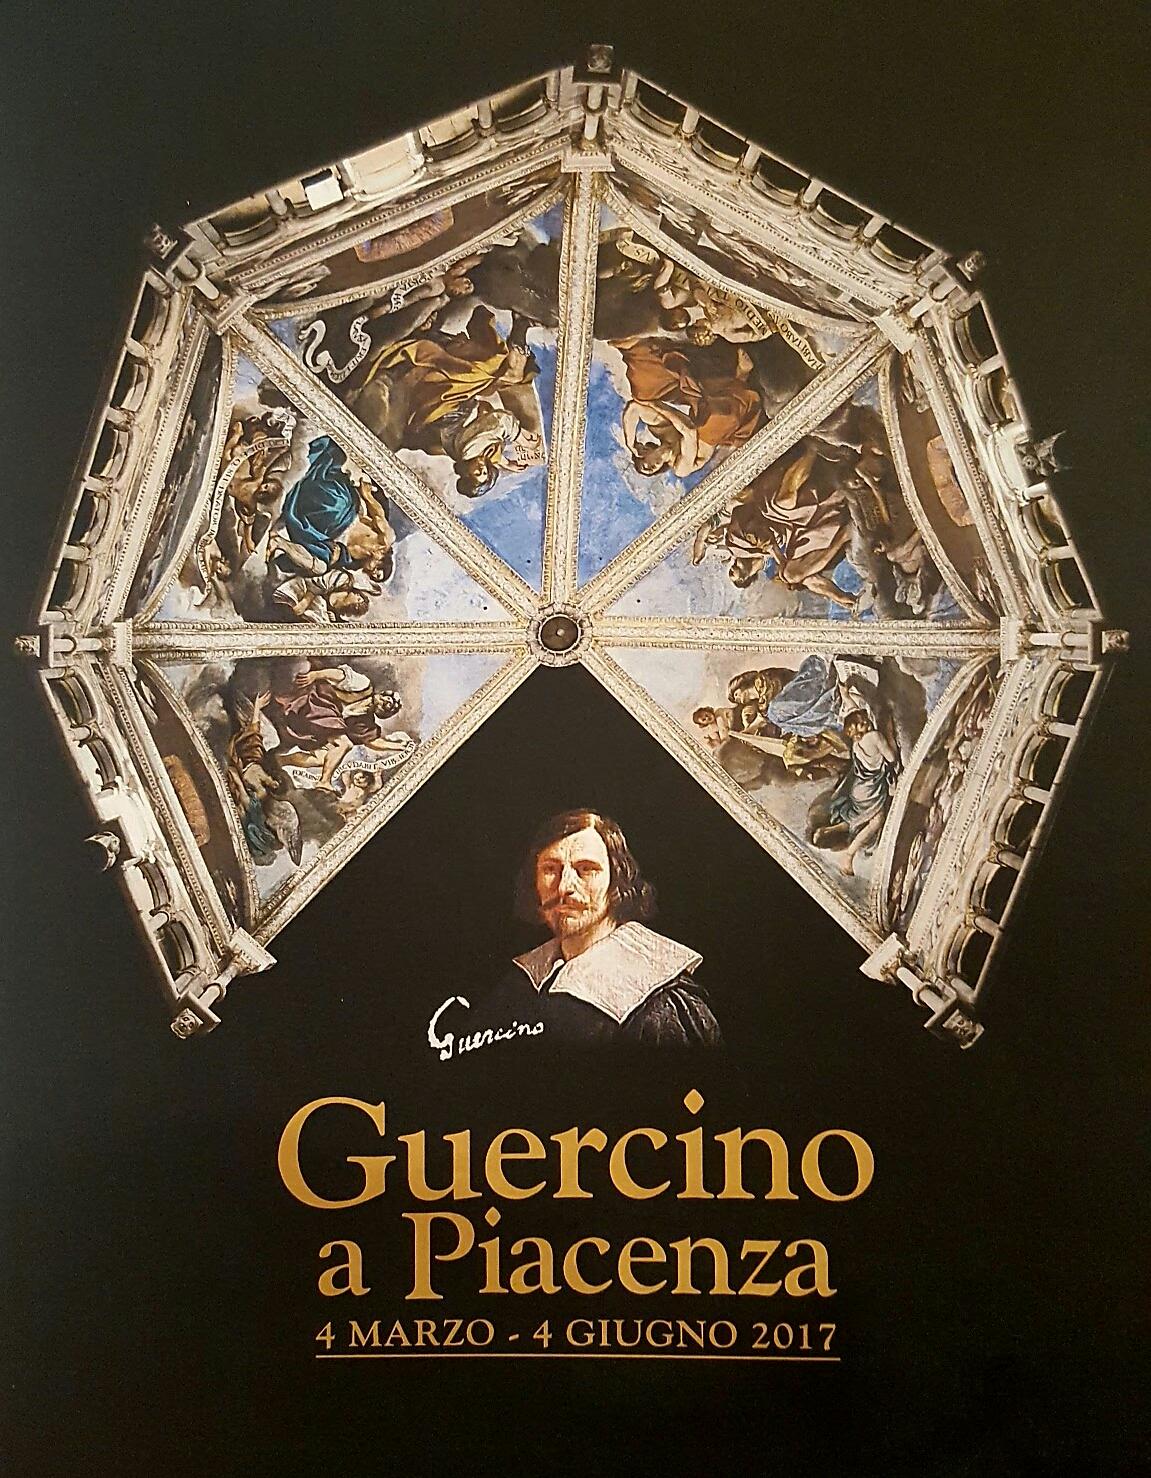 Dal duomo a palazzo farnese nel 2017 piacenza celebra for Piacenza mostra guercino